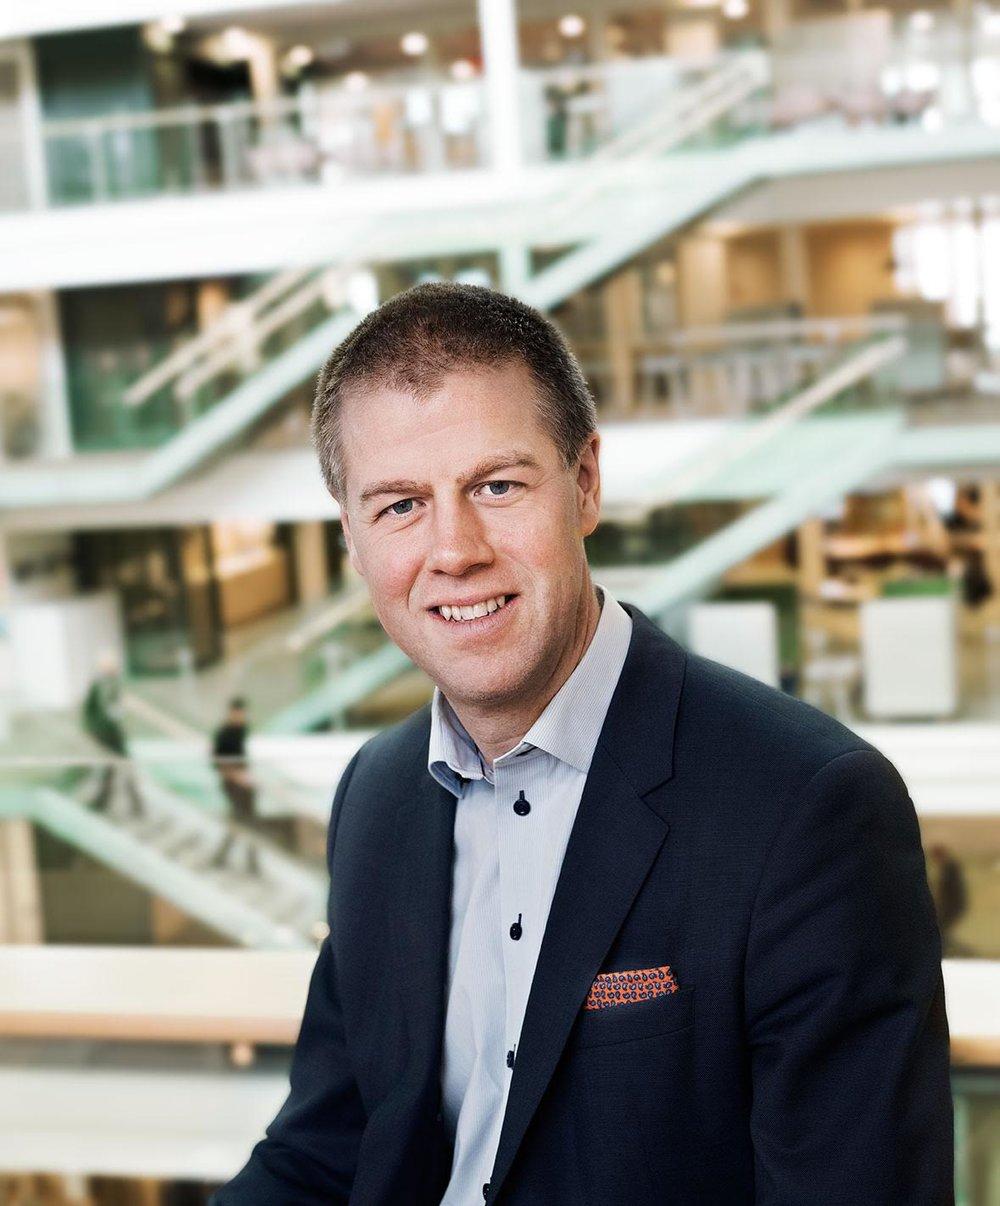 Magnus Johansson, CEO Coop Sverige